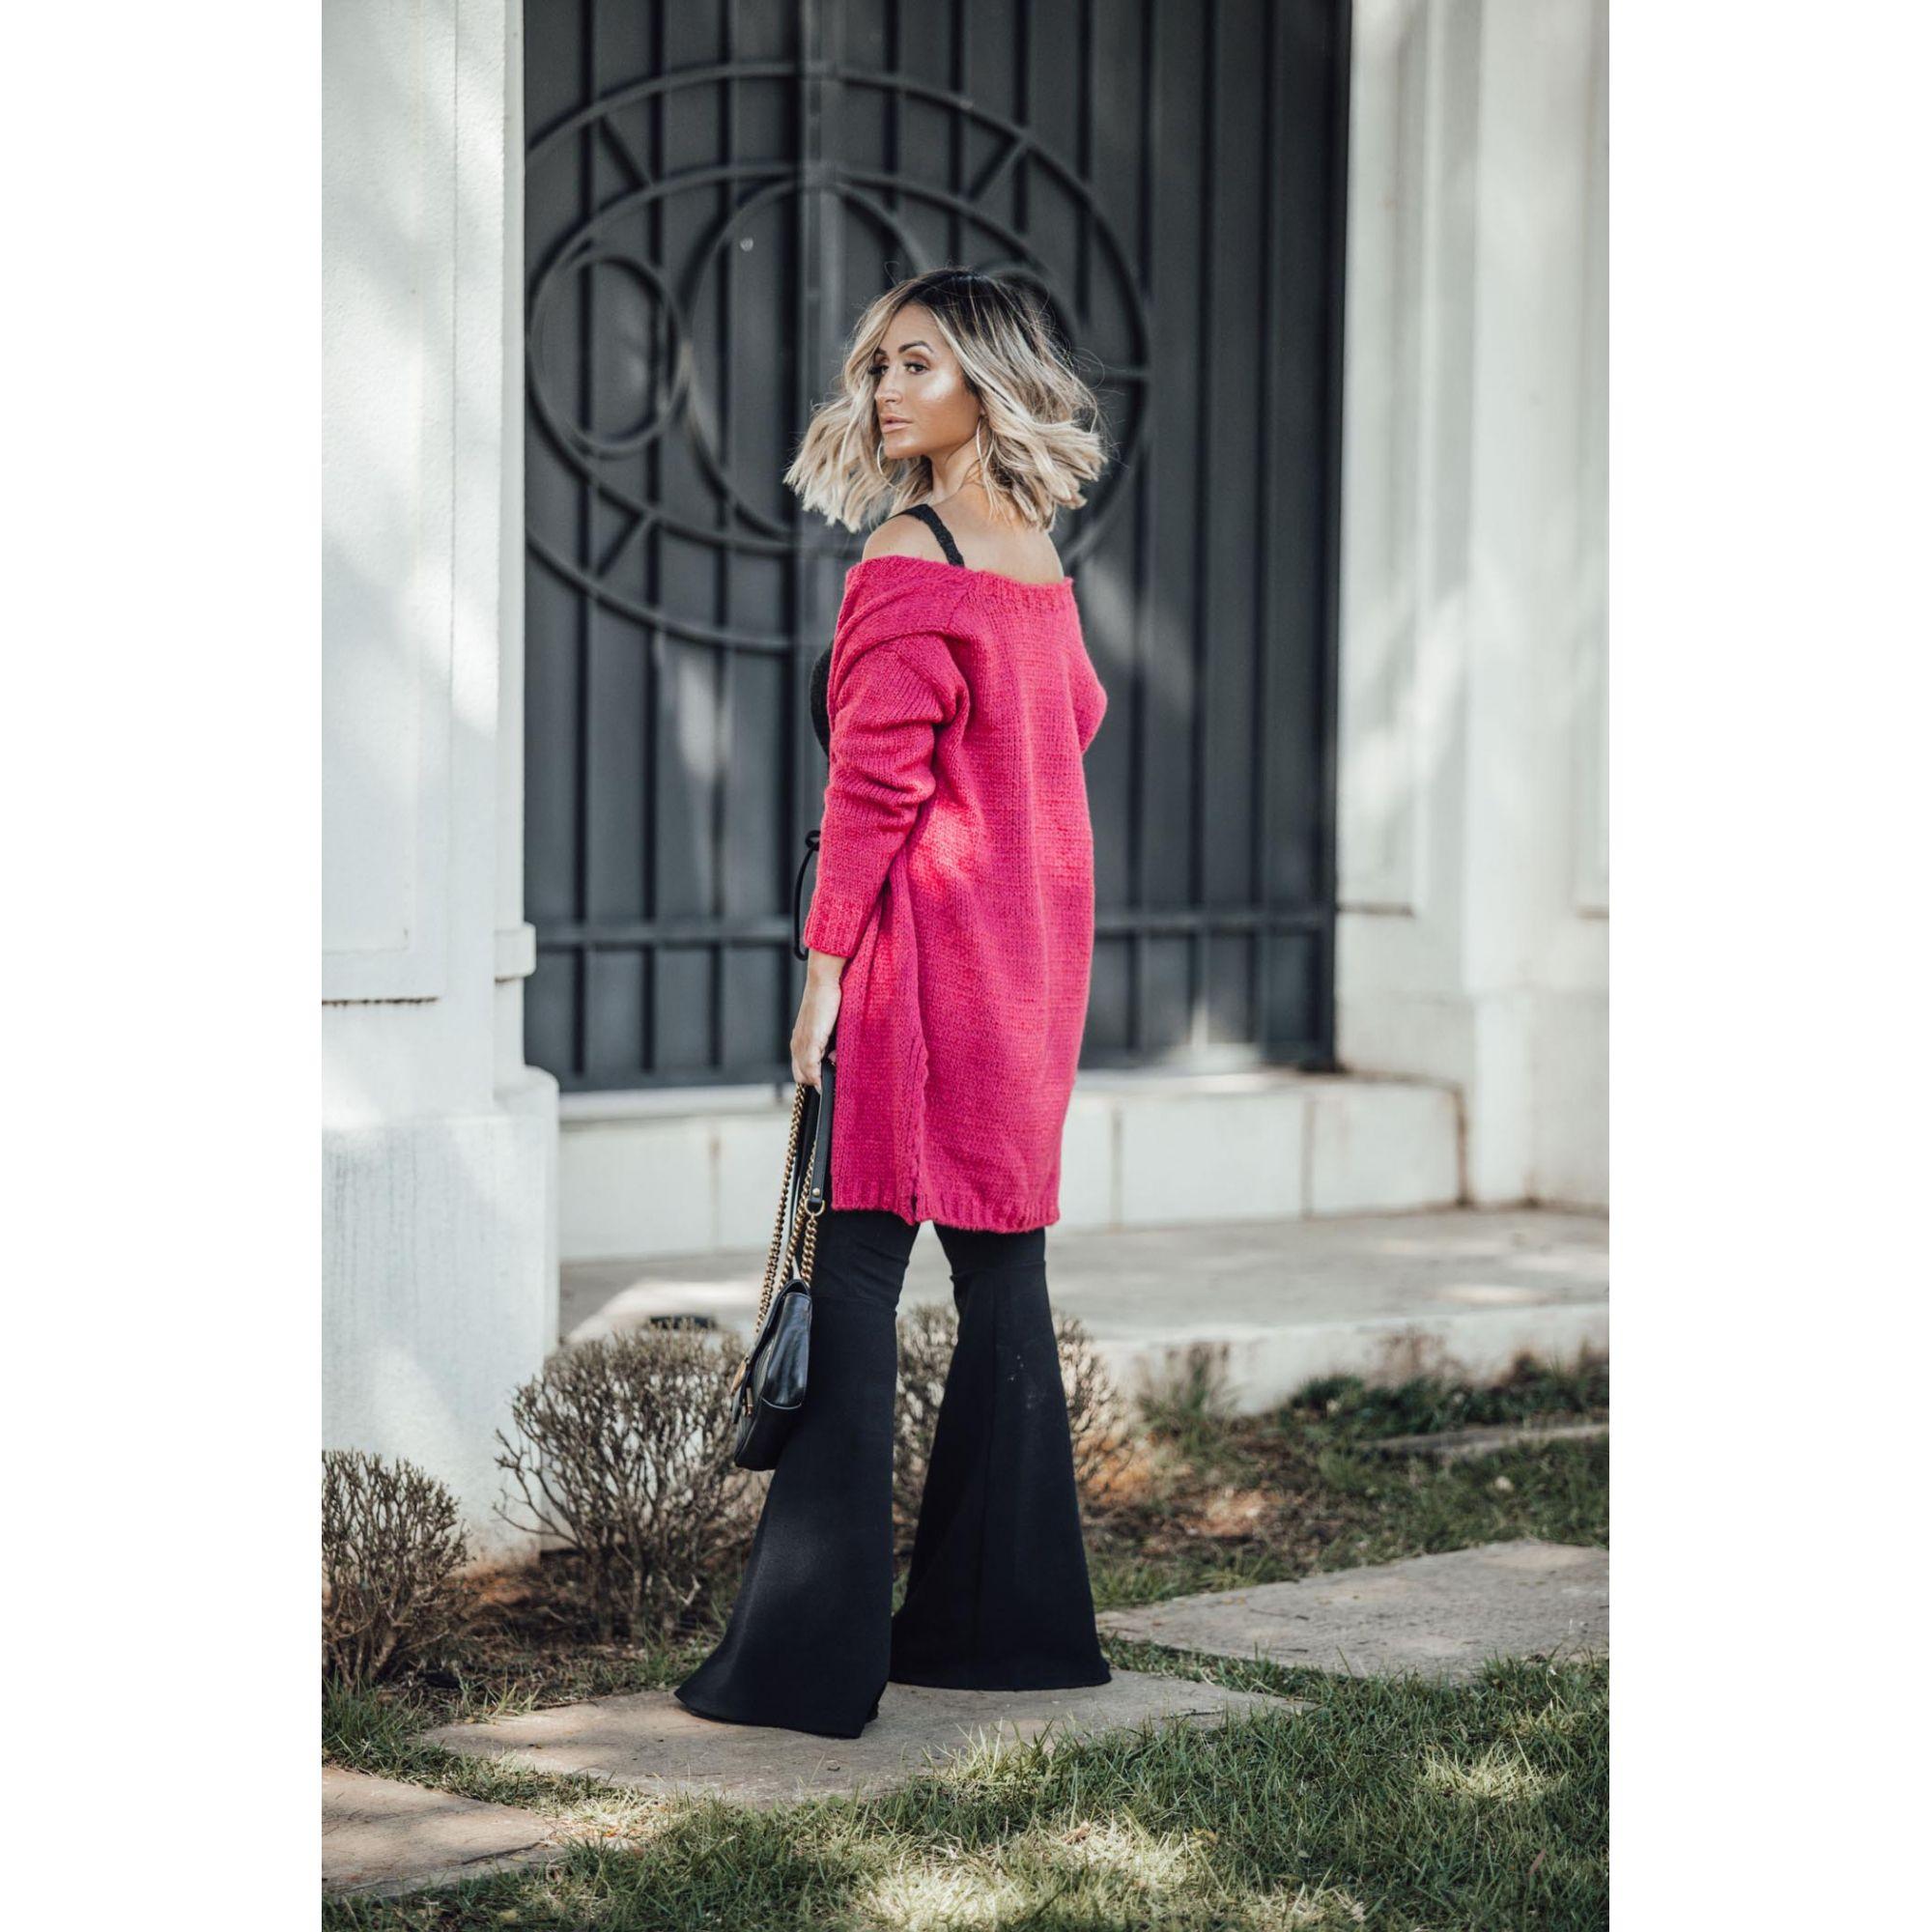 Casaco Vera Tricot Manga Longa Feminino Rosa